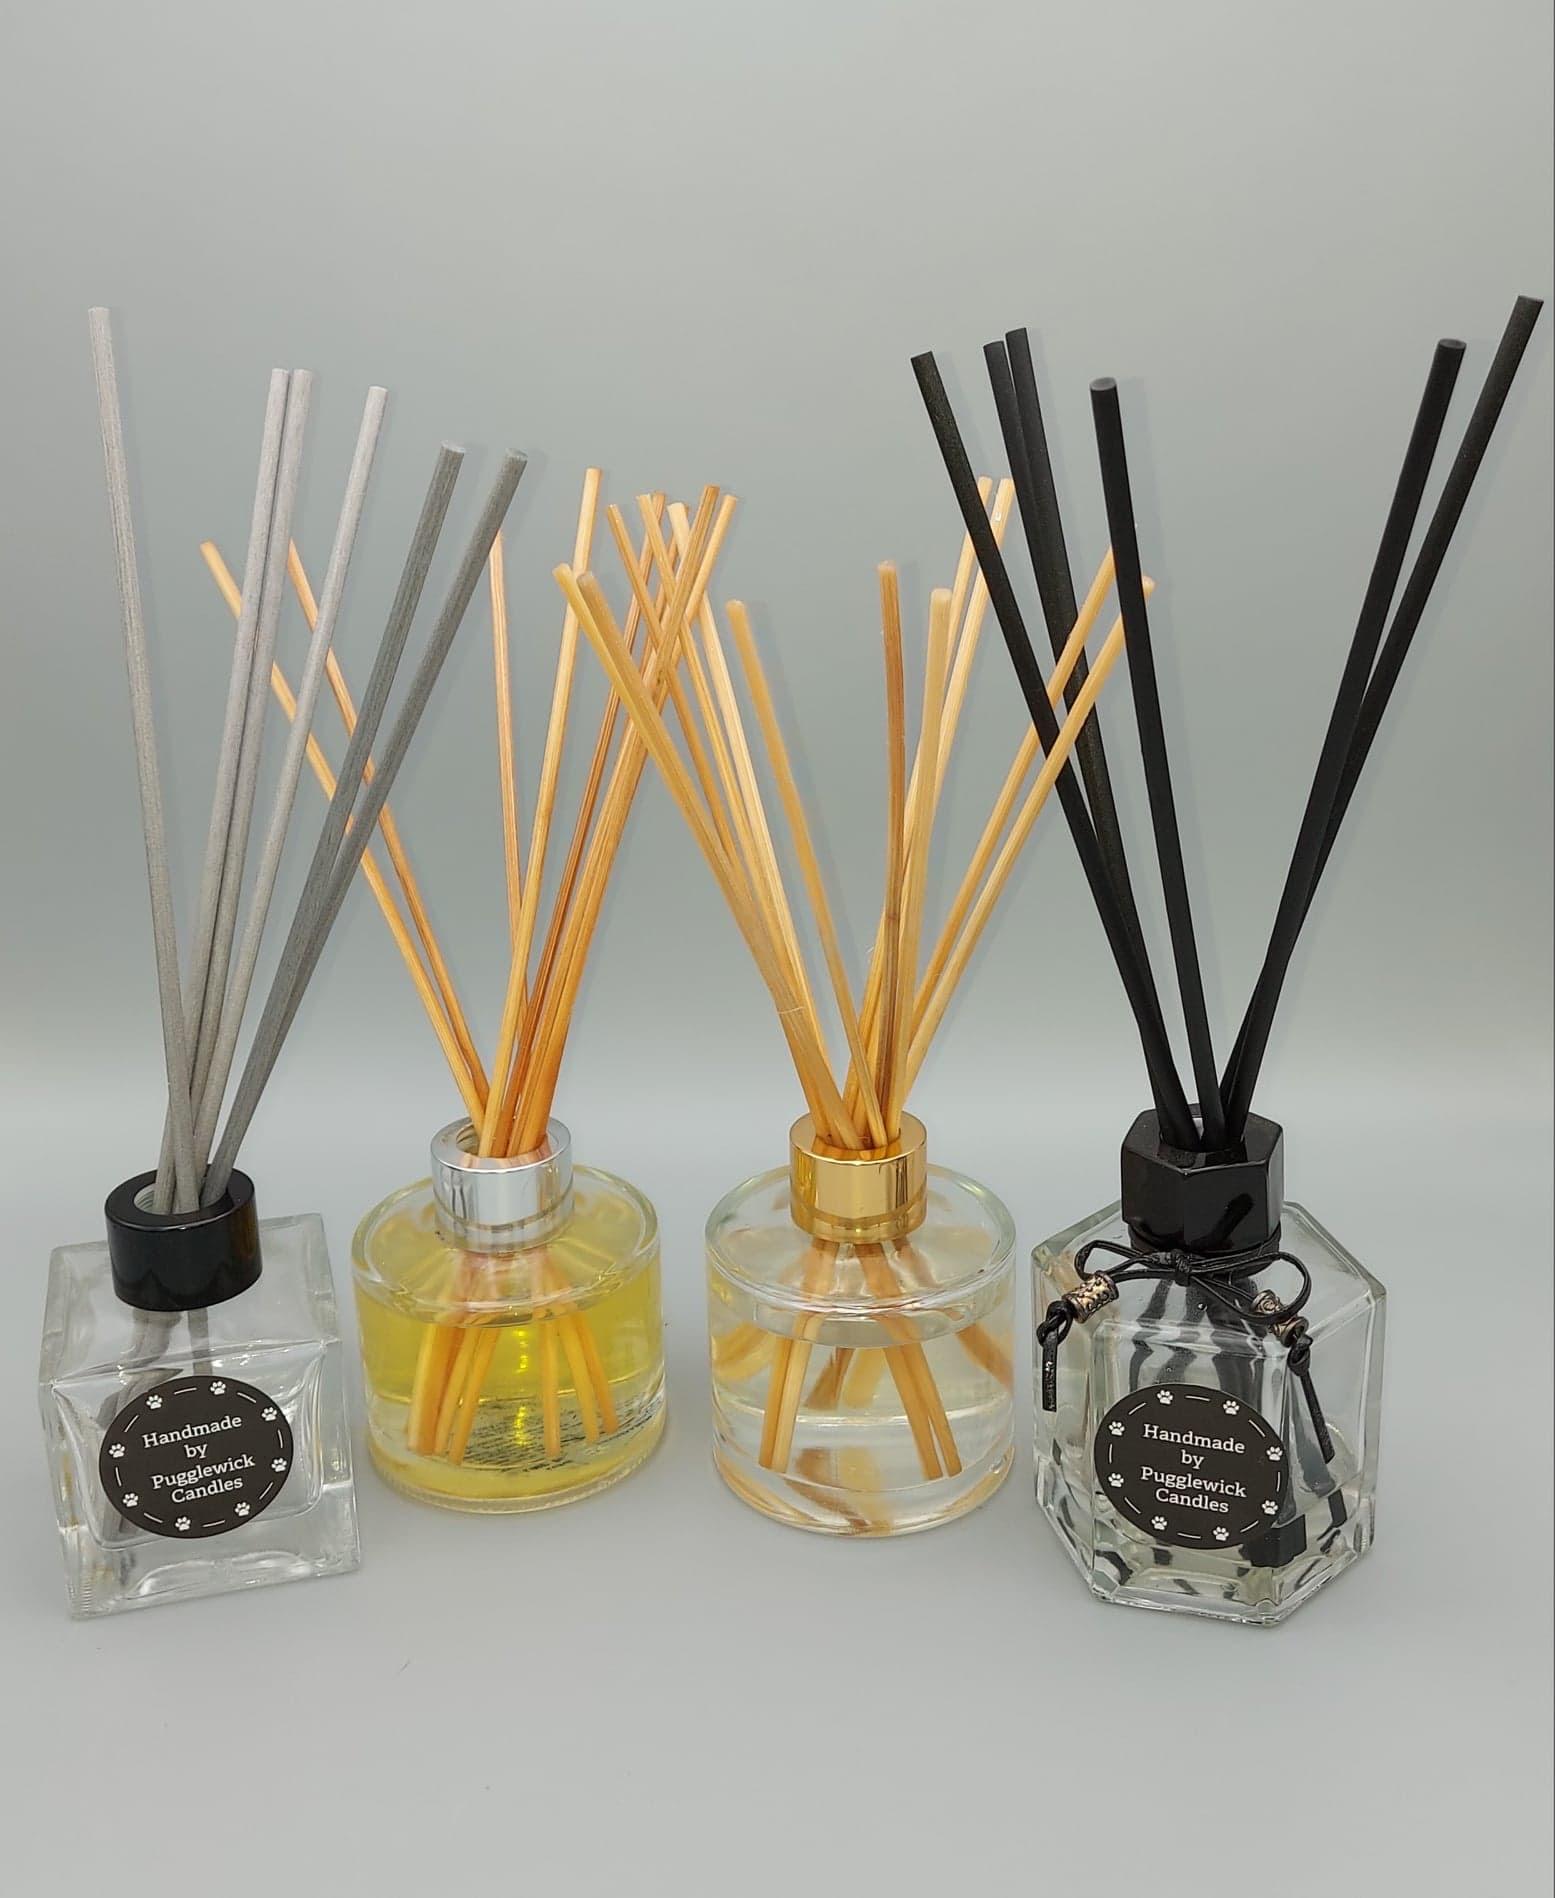 Pugglewick Candles